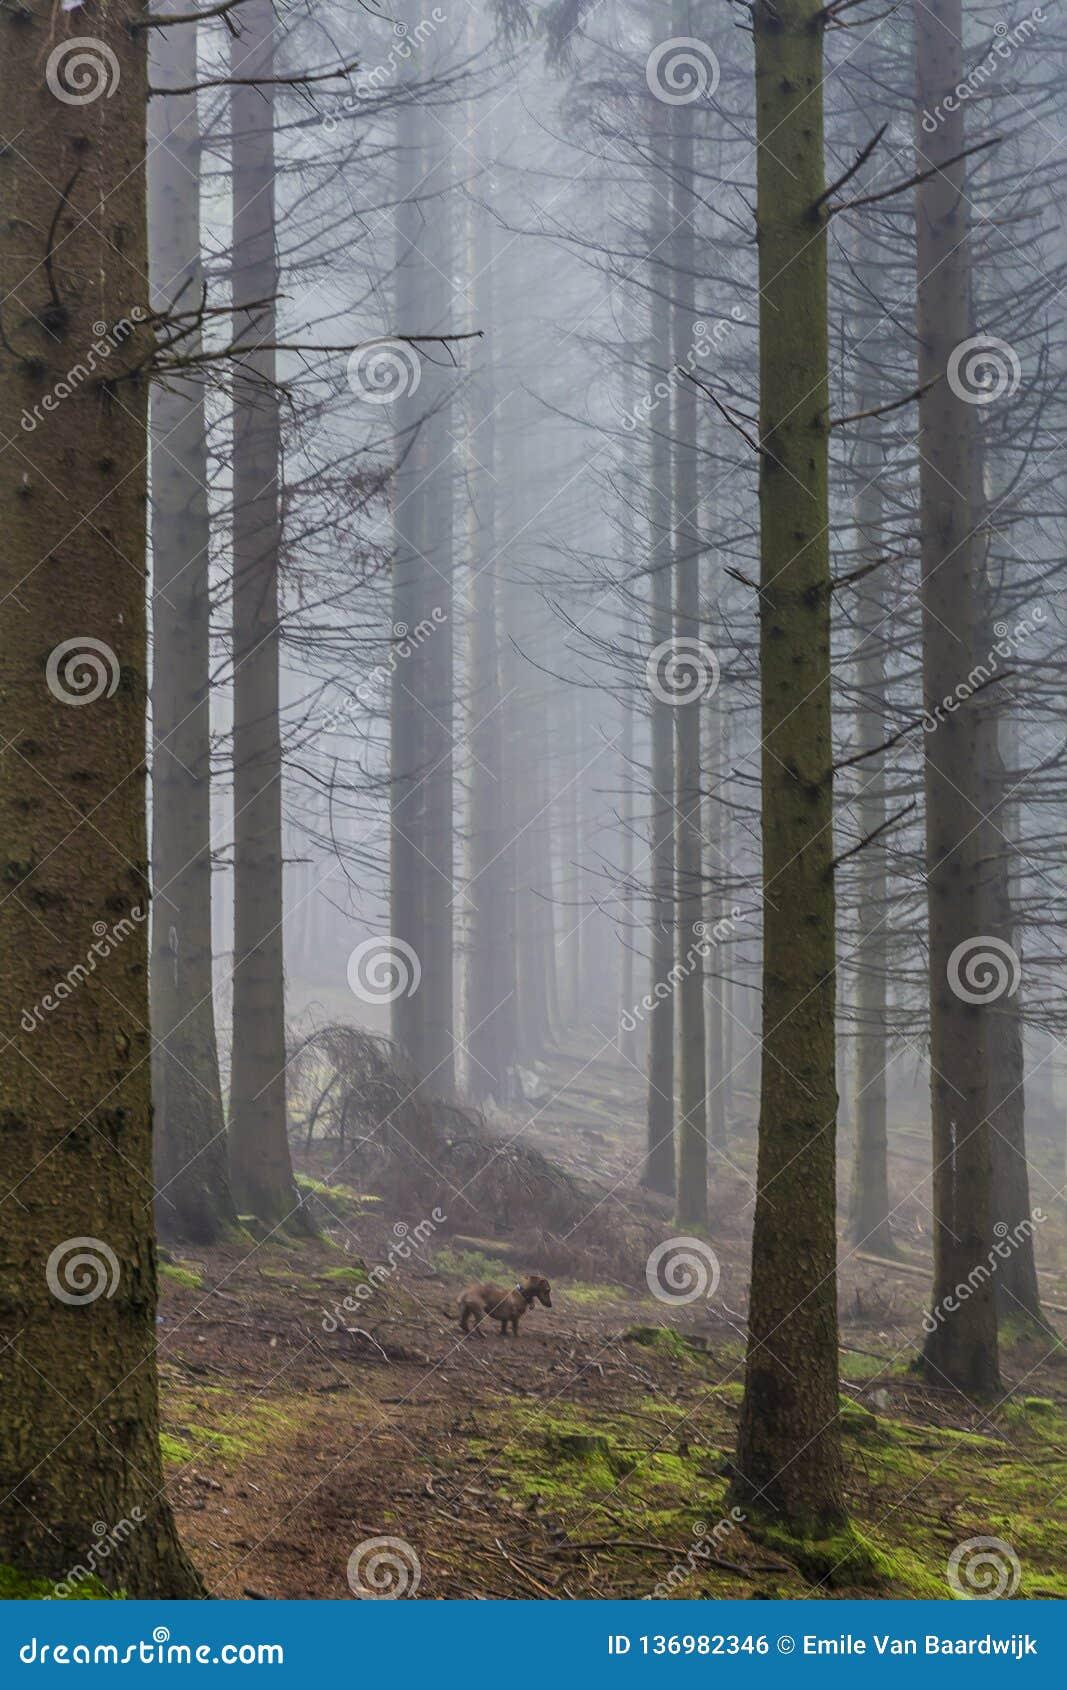 Immagine di un cane fra i pini alti nella foresta